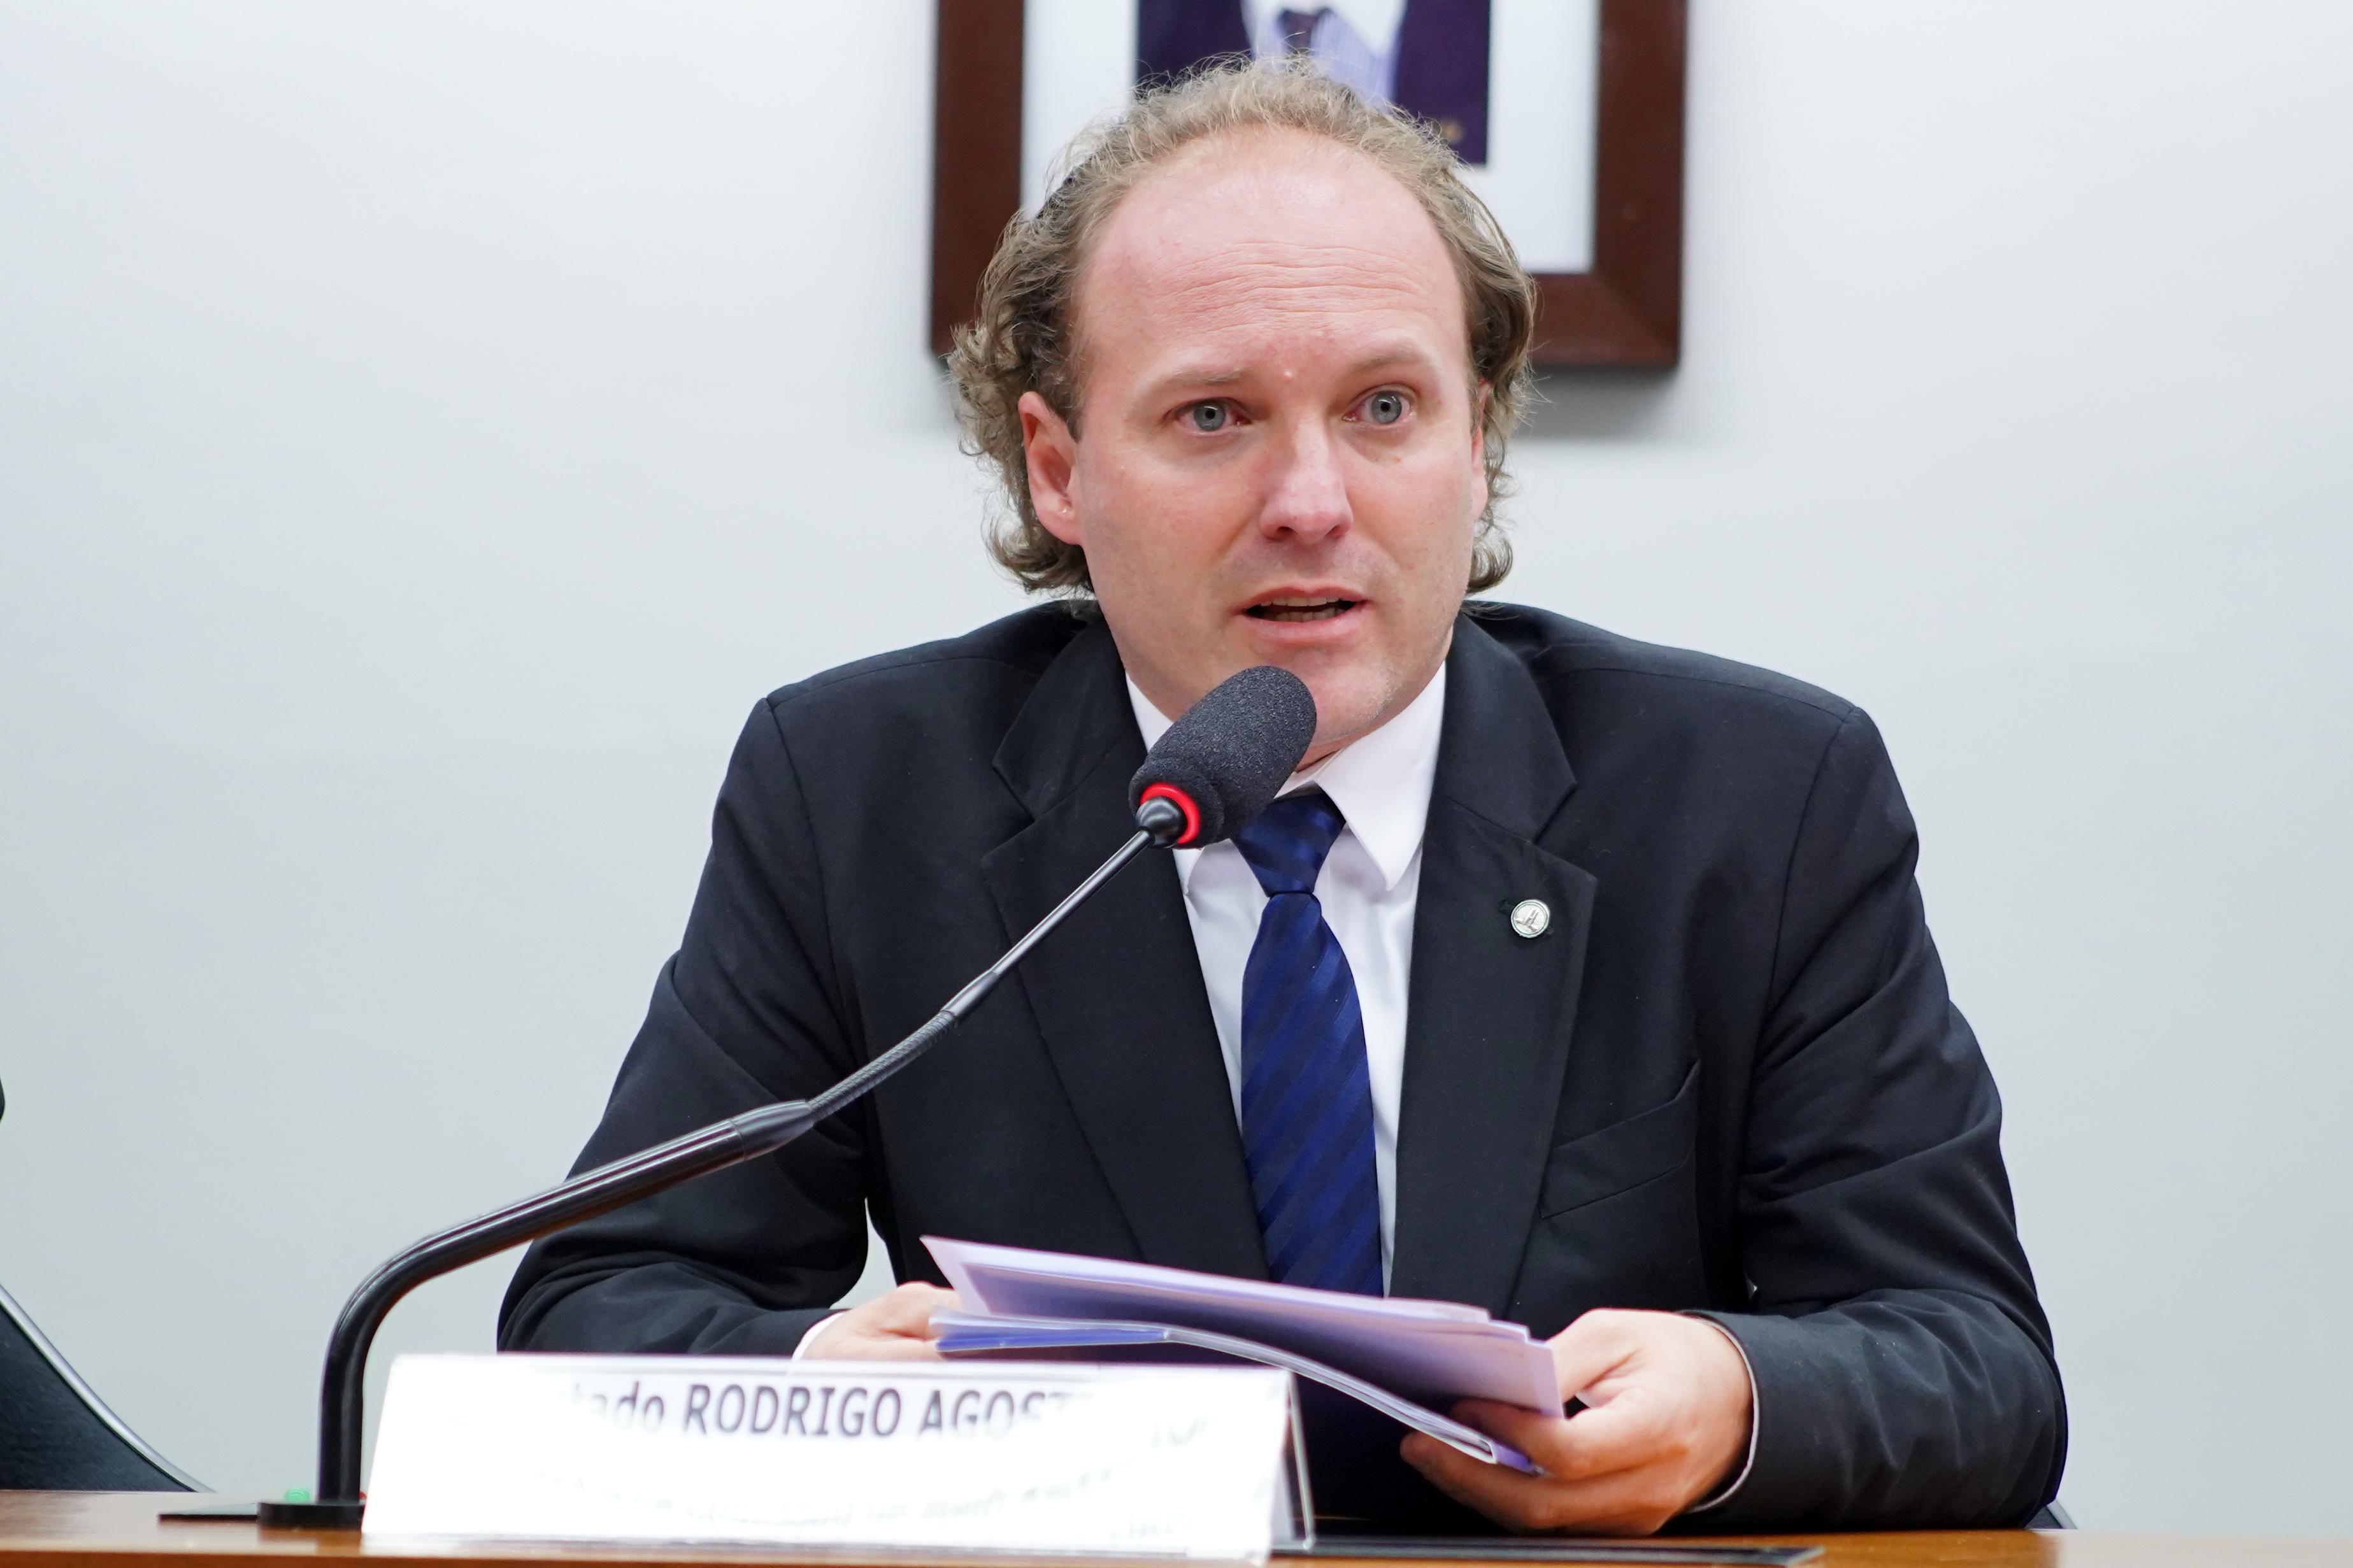 Audiência pública sobre o uso de cães beagle como cobaias em teste a pedido da Anvisa. Dep. Rodrigo Agostinho (PSB-SP)